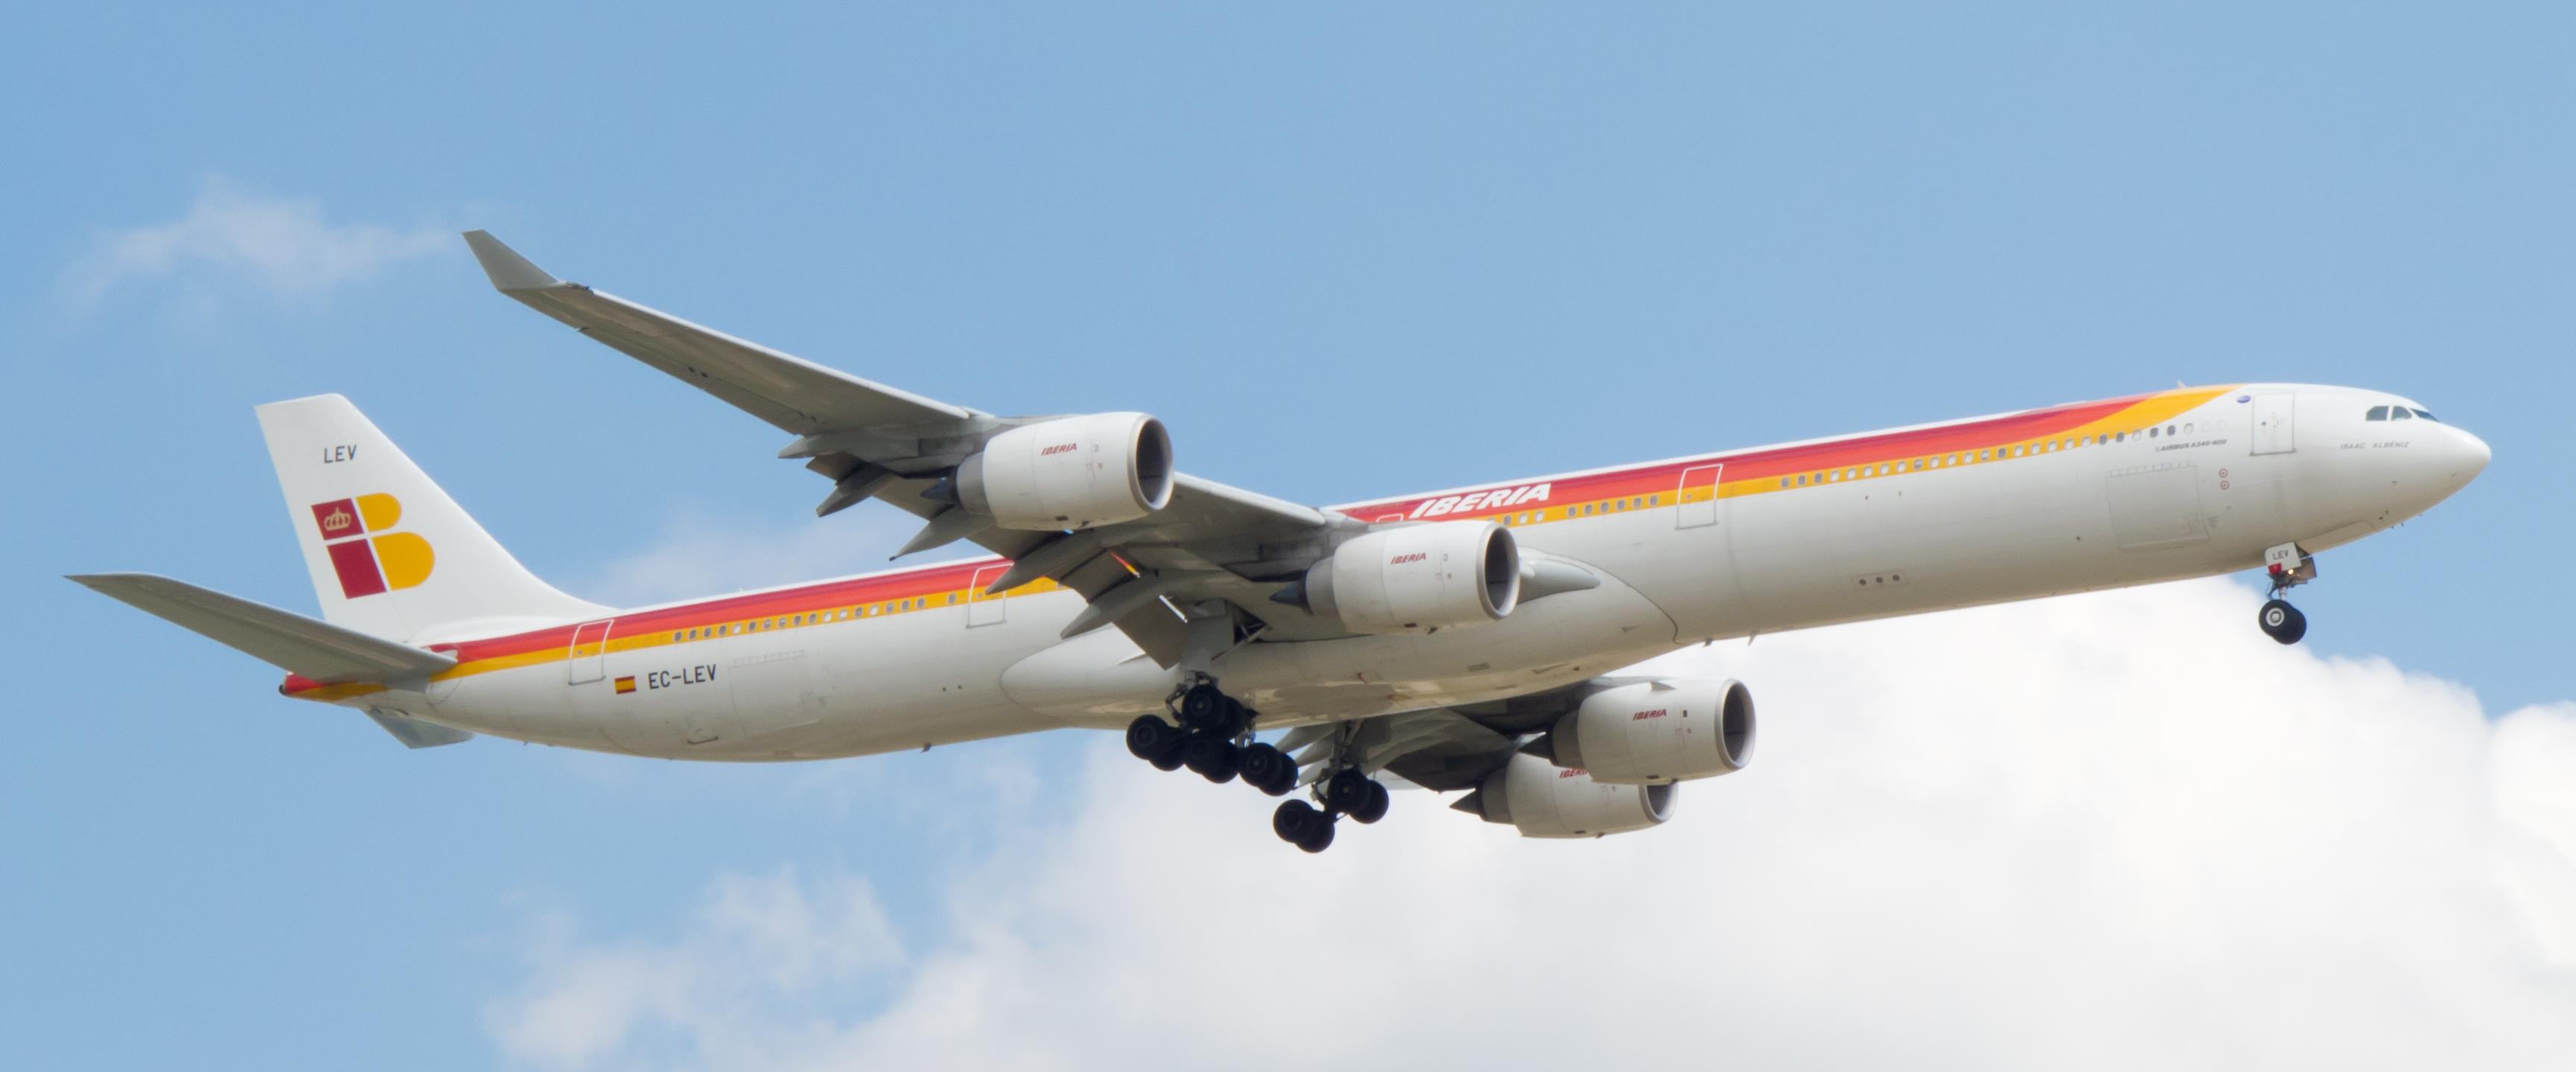 File:Airbus A340-642 - Iberia - EC-LEV.jpg - Wikimedia Commons: https://commons.wikimedia.org/wiki/File:Airbus_A340-642_-_Iberia_...